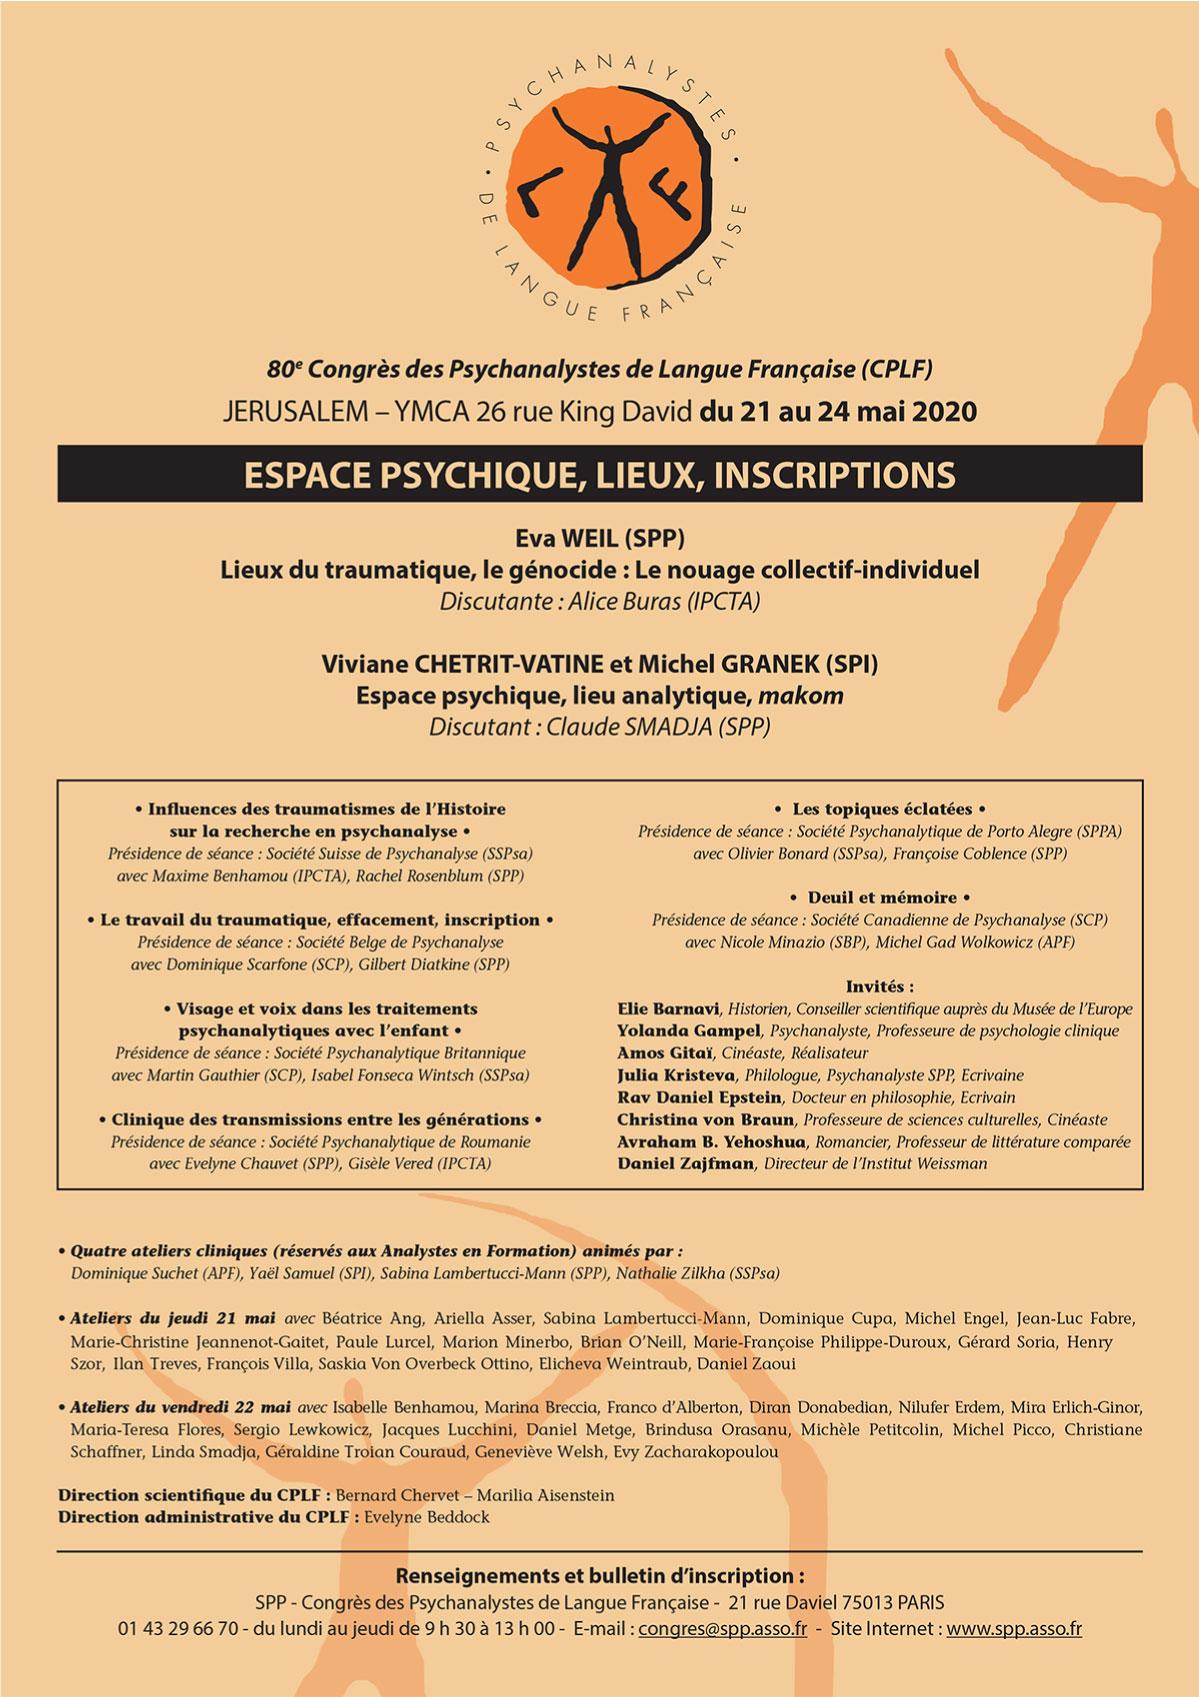 80<sup>e</sup> Congrès des Psychanalystes de Langue Française (CPLF)